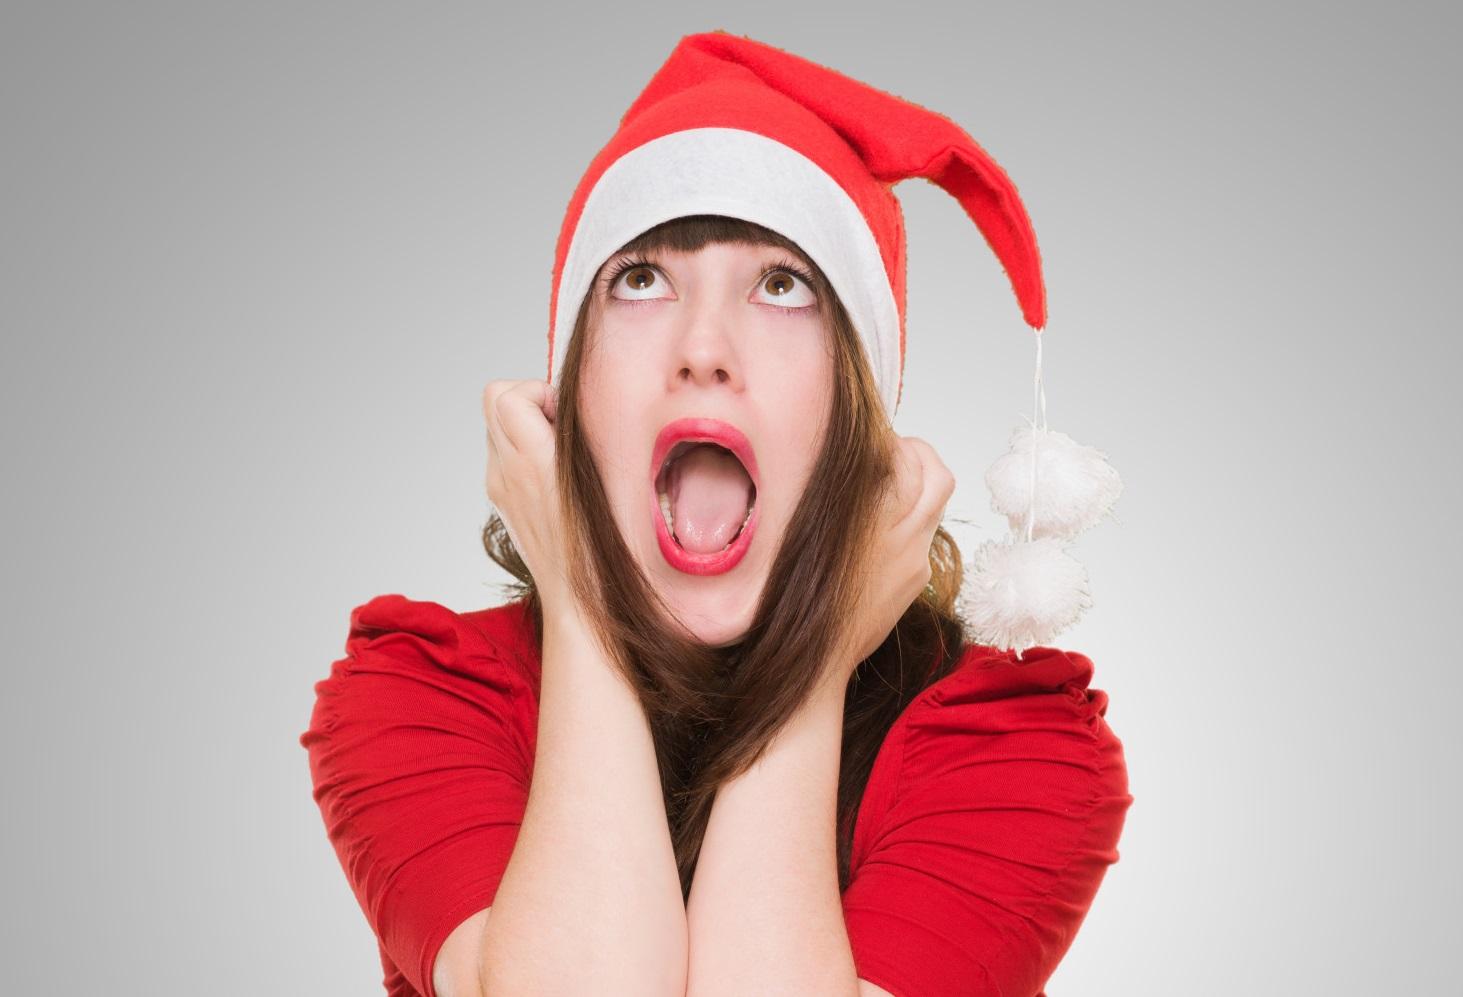 Jei kas nors nesiseka, šypsokitės, kad ir per sukąstus dantis. Ir dirbtinė šypsena kartais virsta tikra. (shutterstock.com nuotr.)